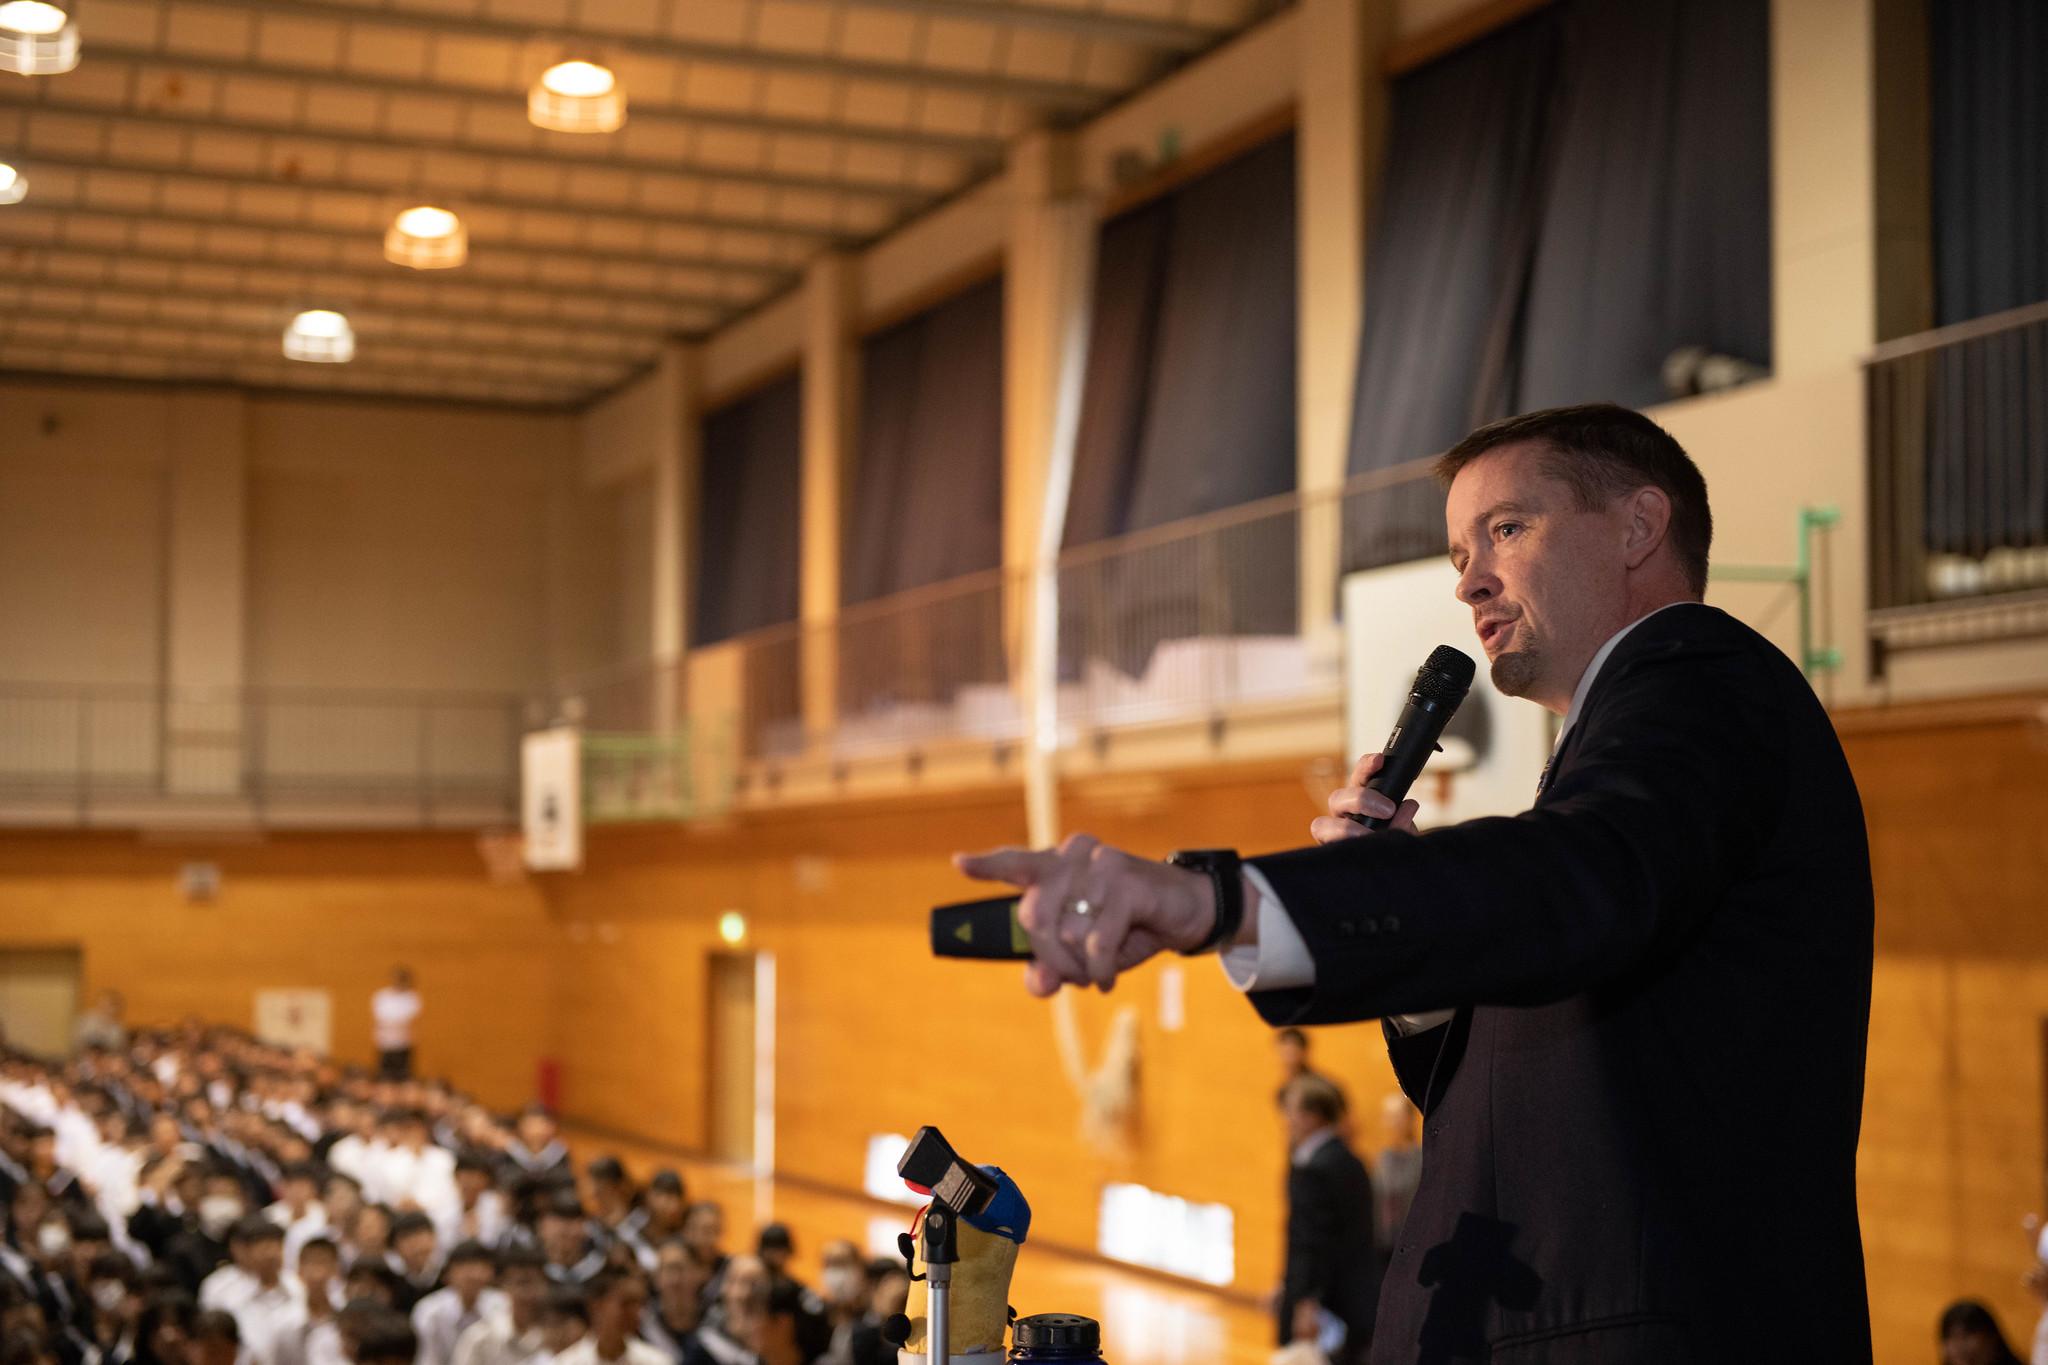 練馬区立石神井中学校にて行われた「Go for Gold」イベントで講演するケビン・ルベッシュ情報管理課長